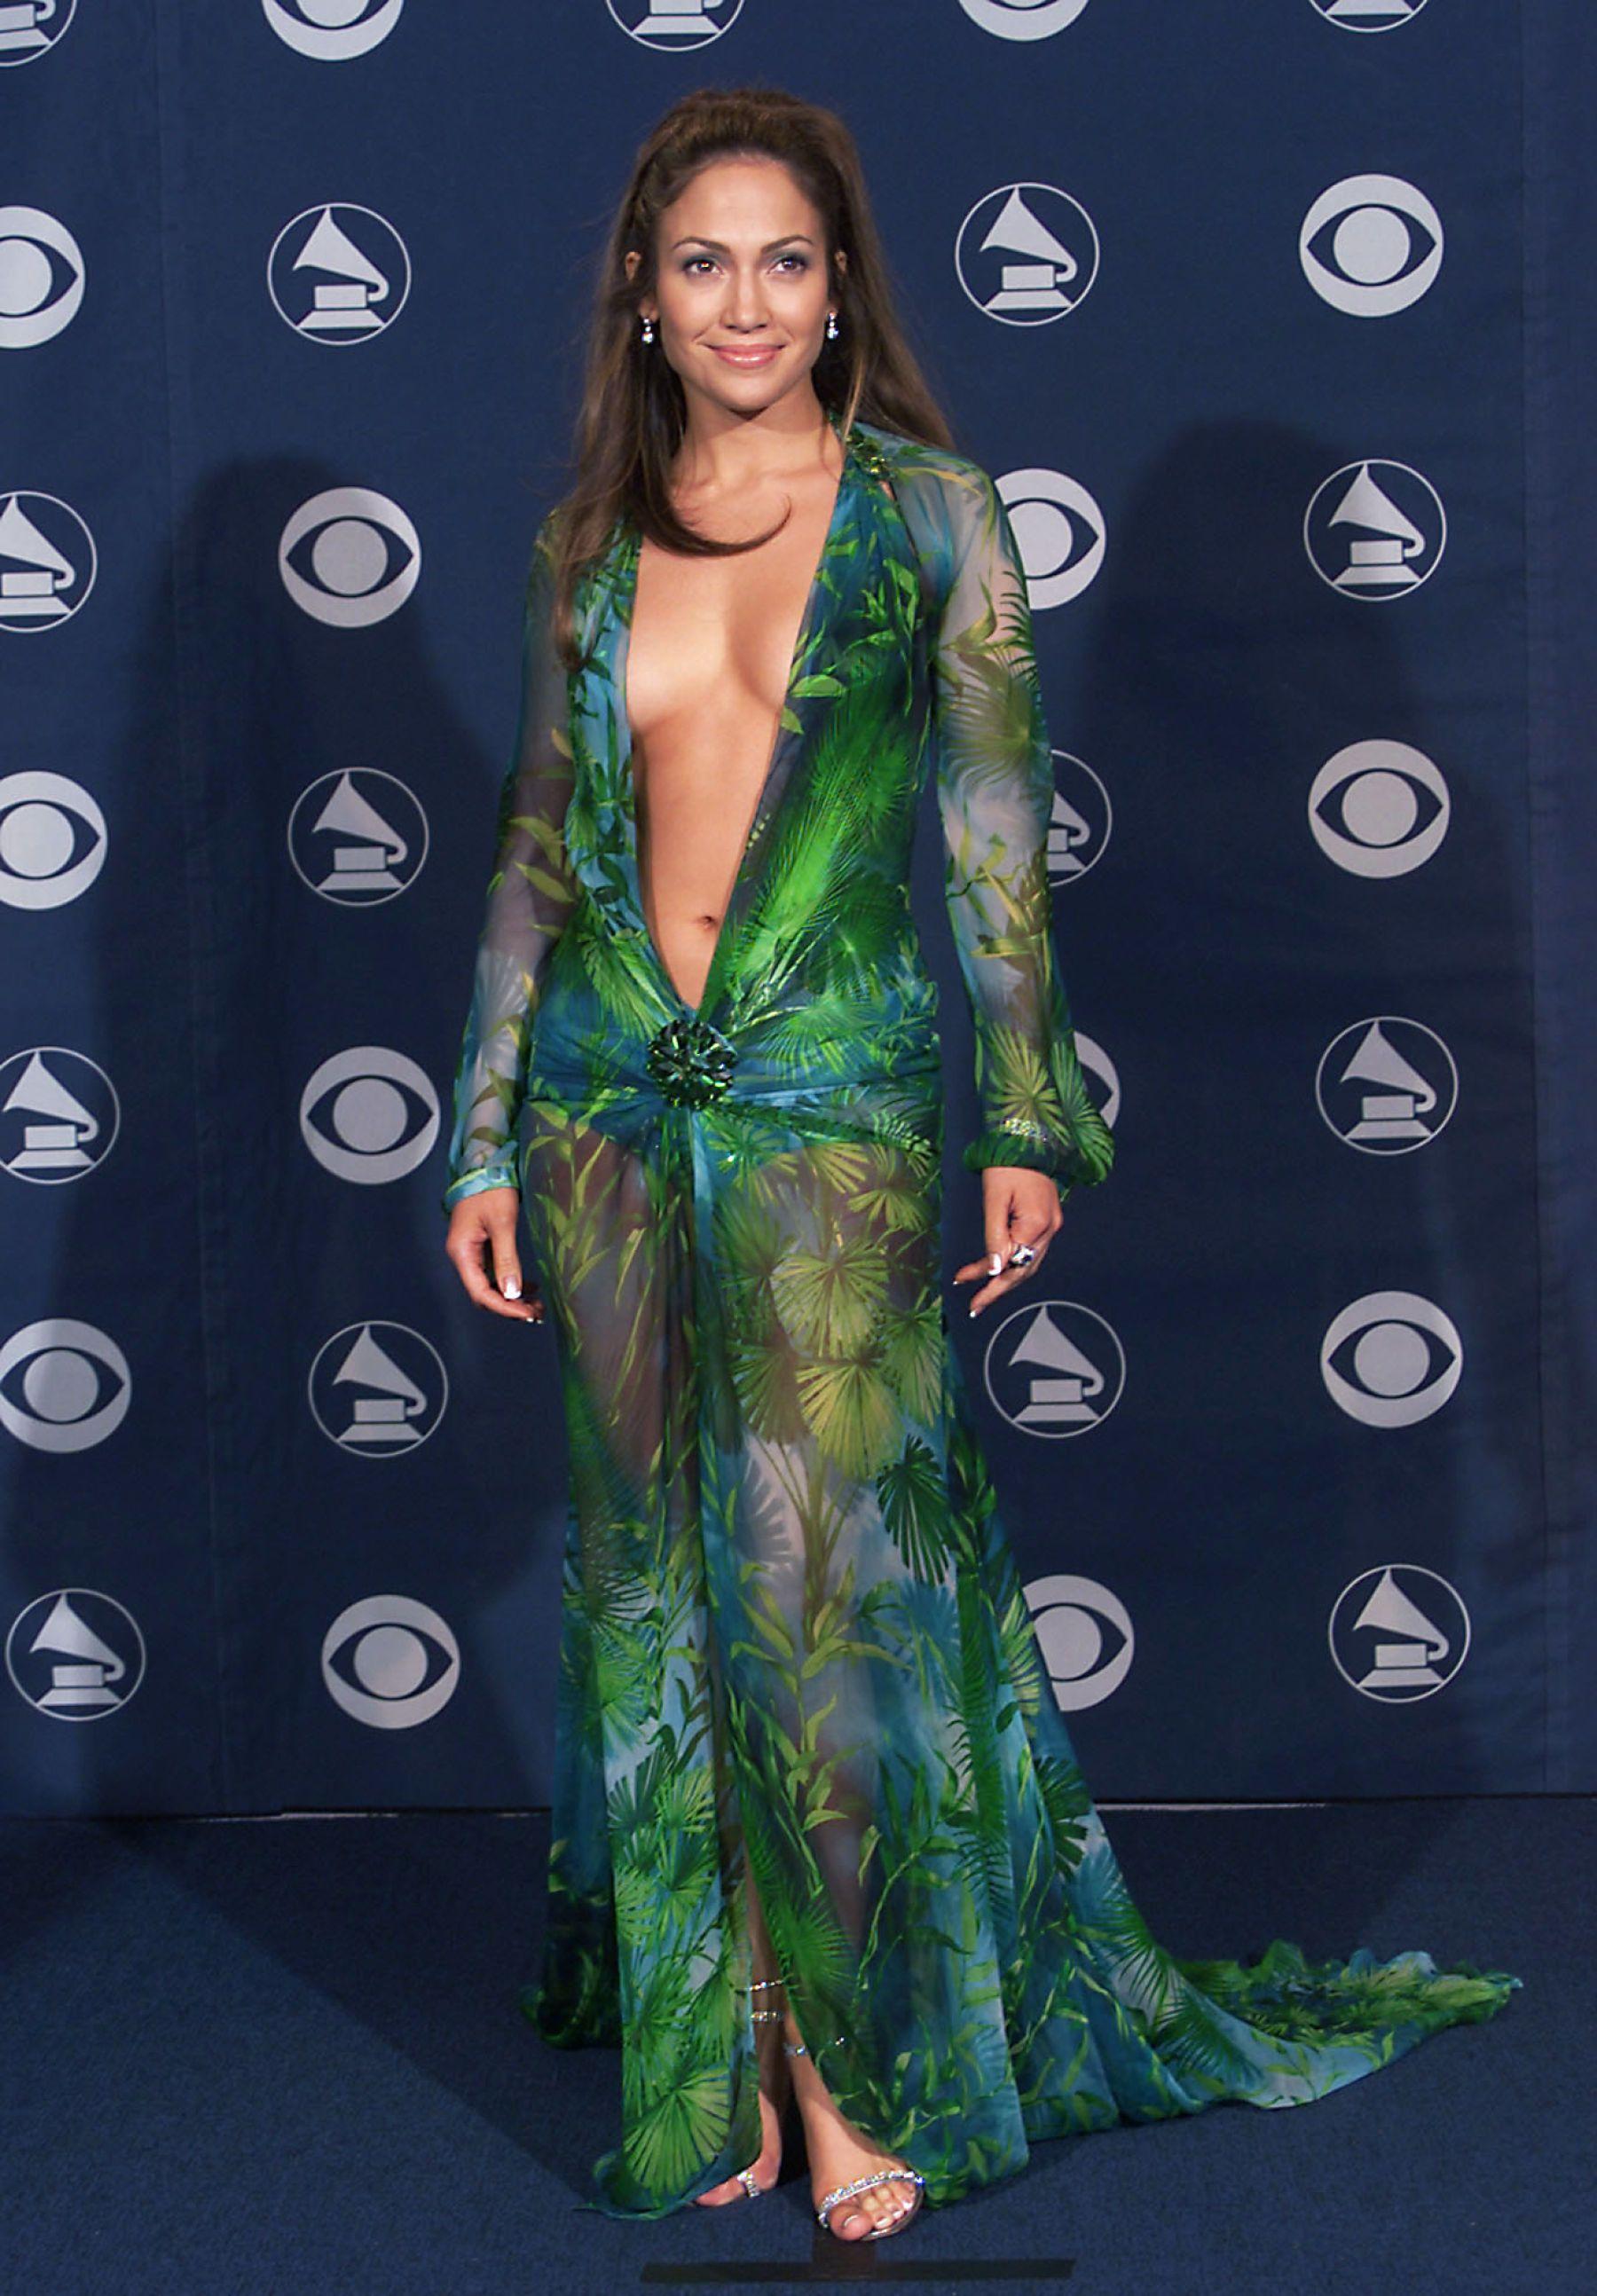 Дженнифер лопез в откровенных нарядах онлайн видео — photo 9